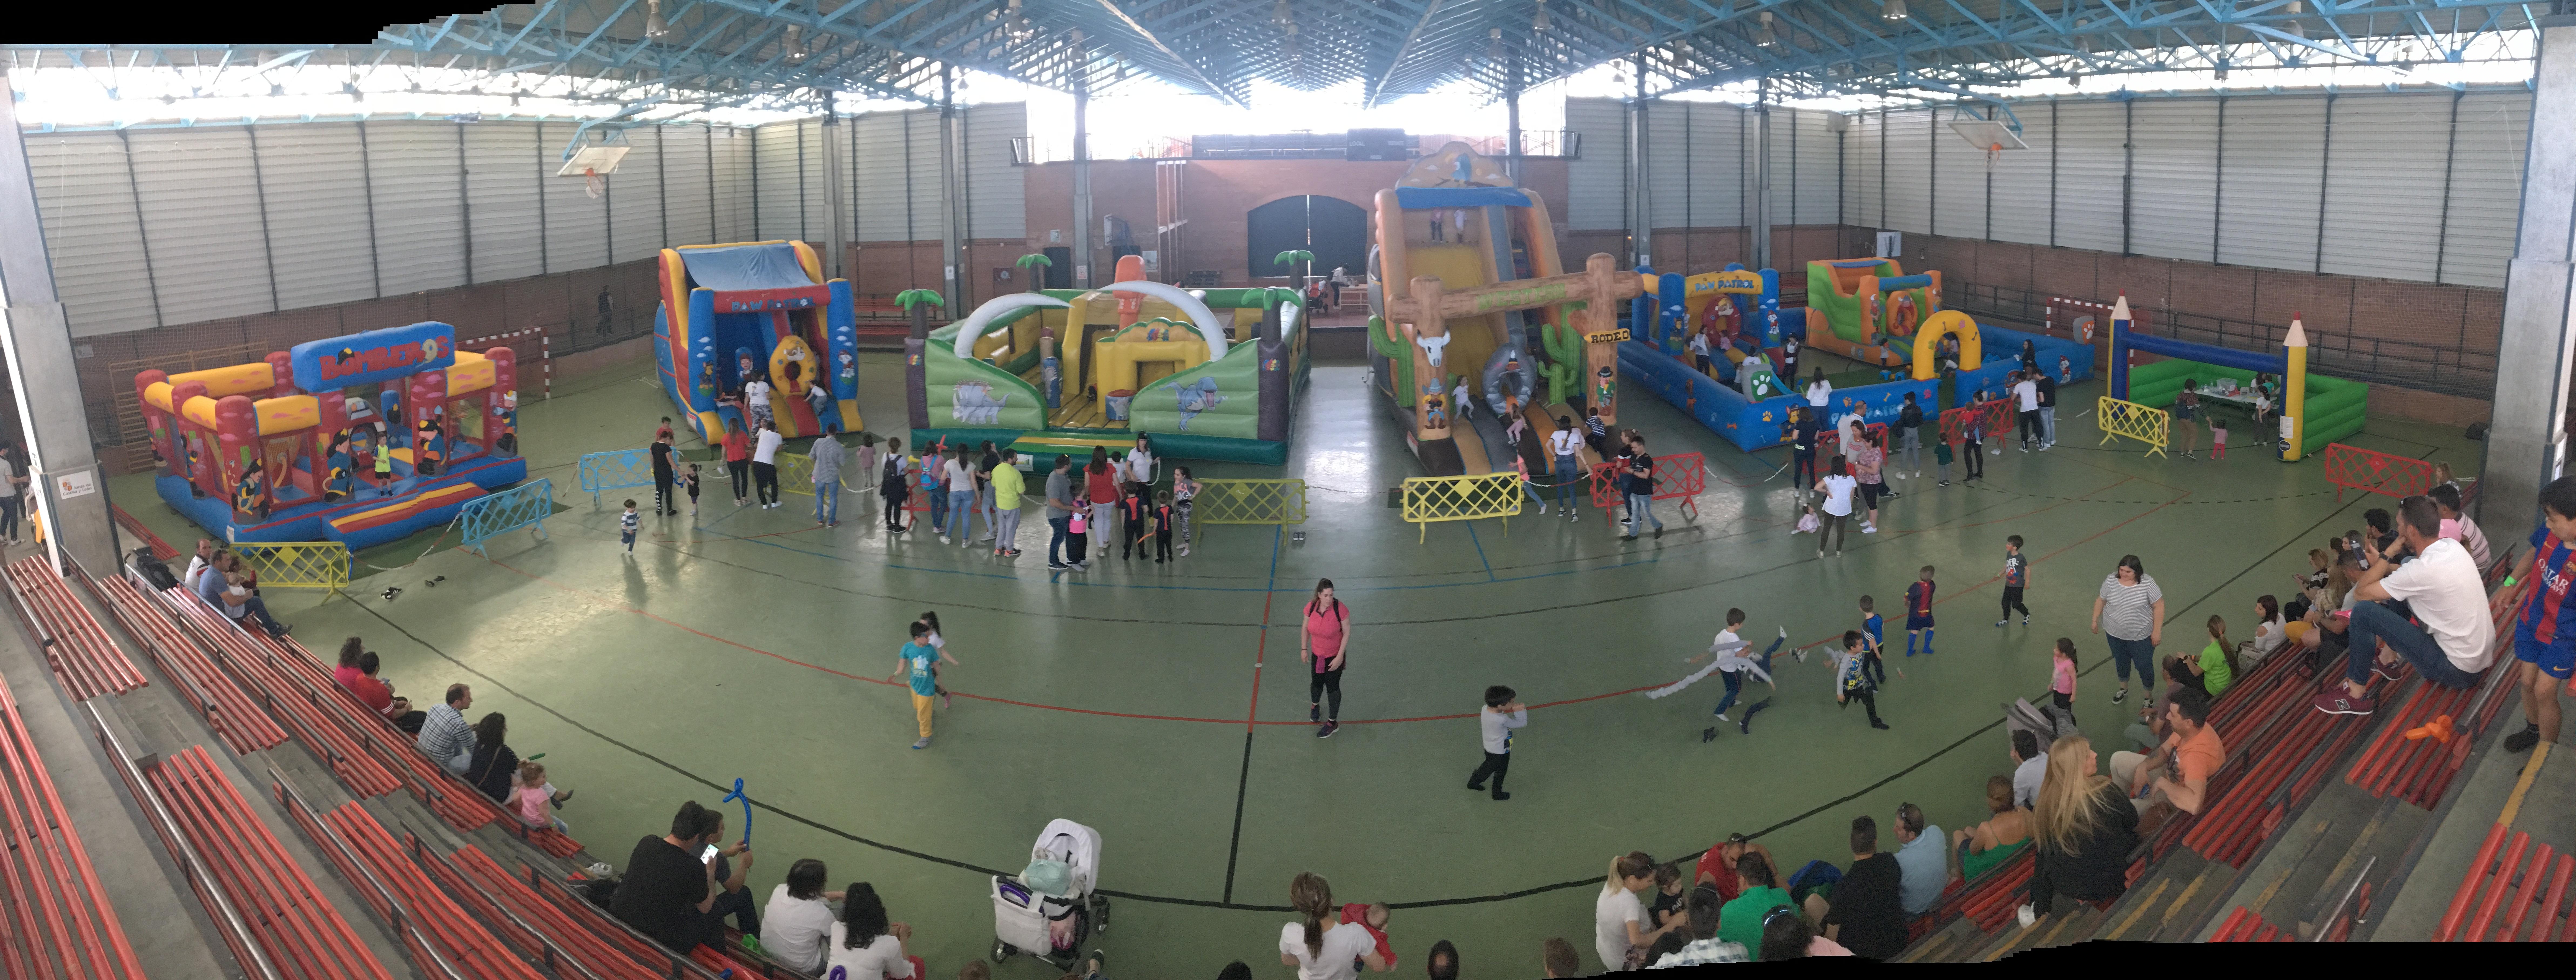 Parques Infantiles Parchis